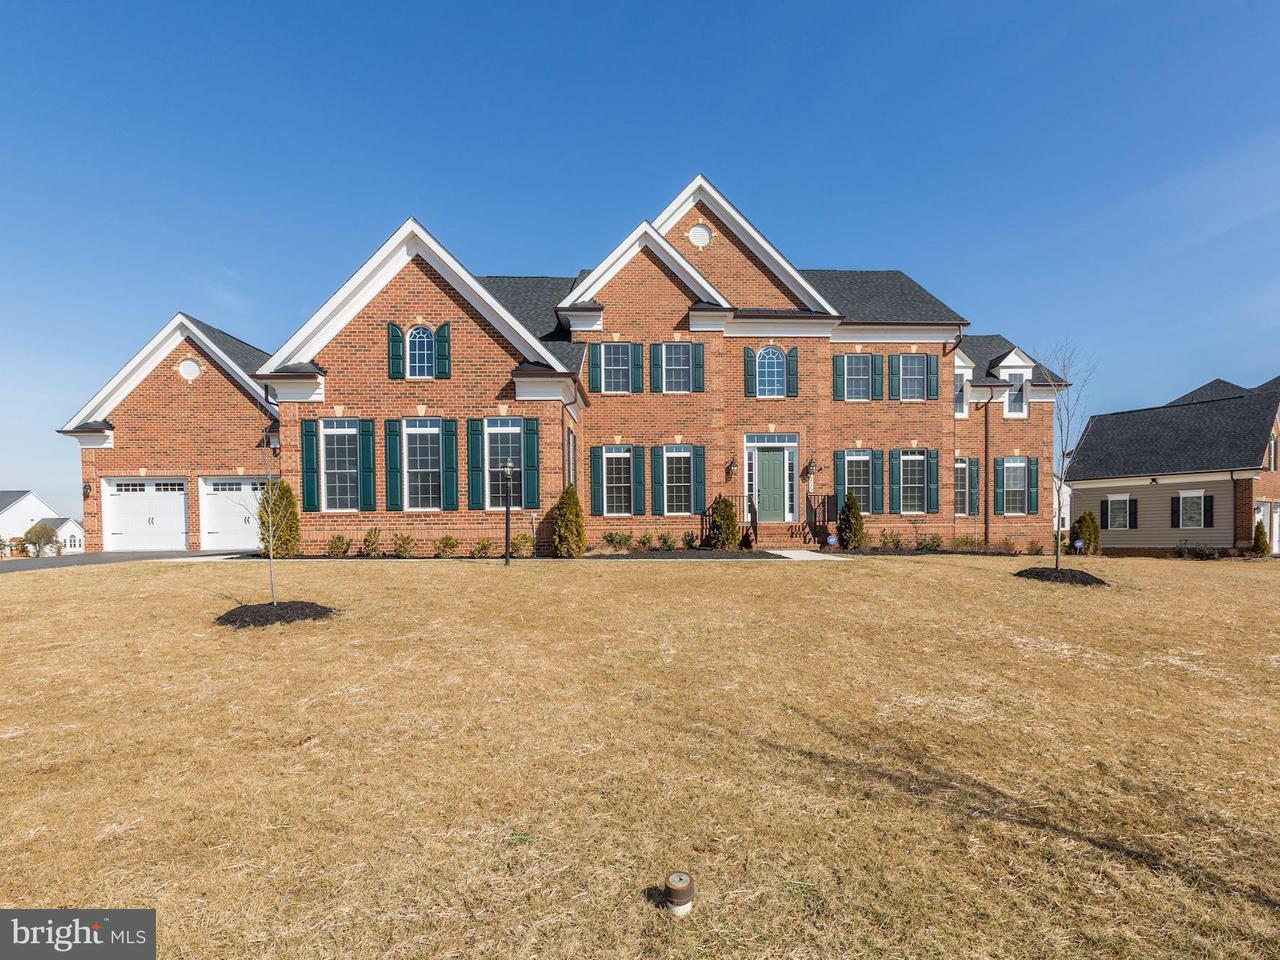 Частный односемейный дом для того Продажа на 12178 Hayland Farm Way 12178 Hayland Farm Way Ellicott City, Мэриленд 21042 Соединенные Штаты